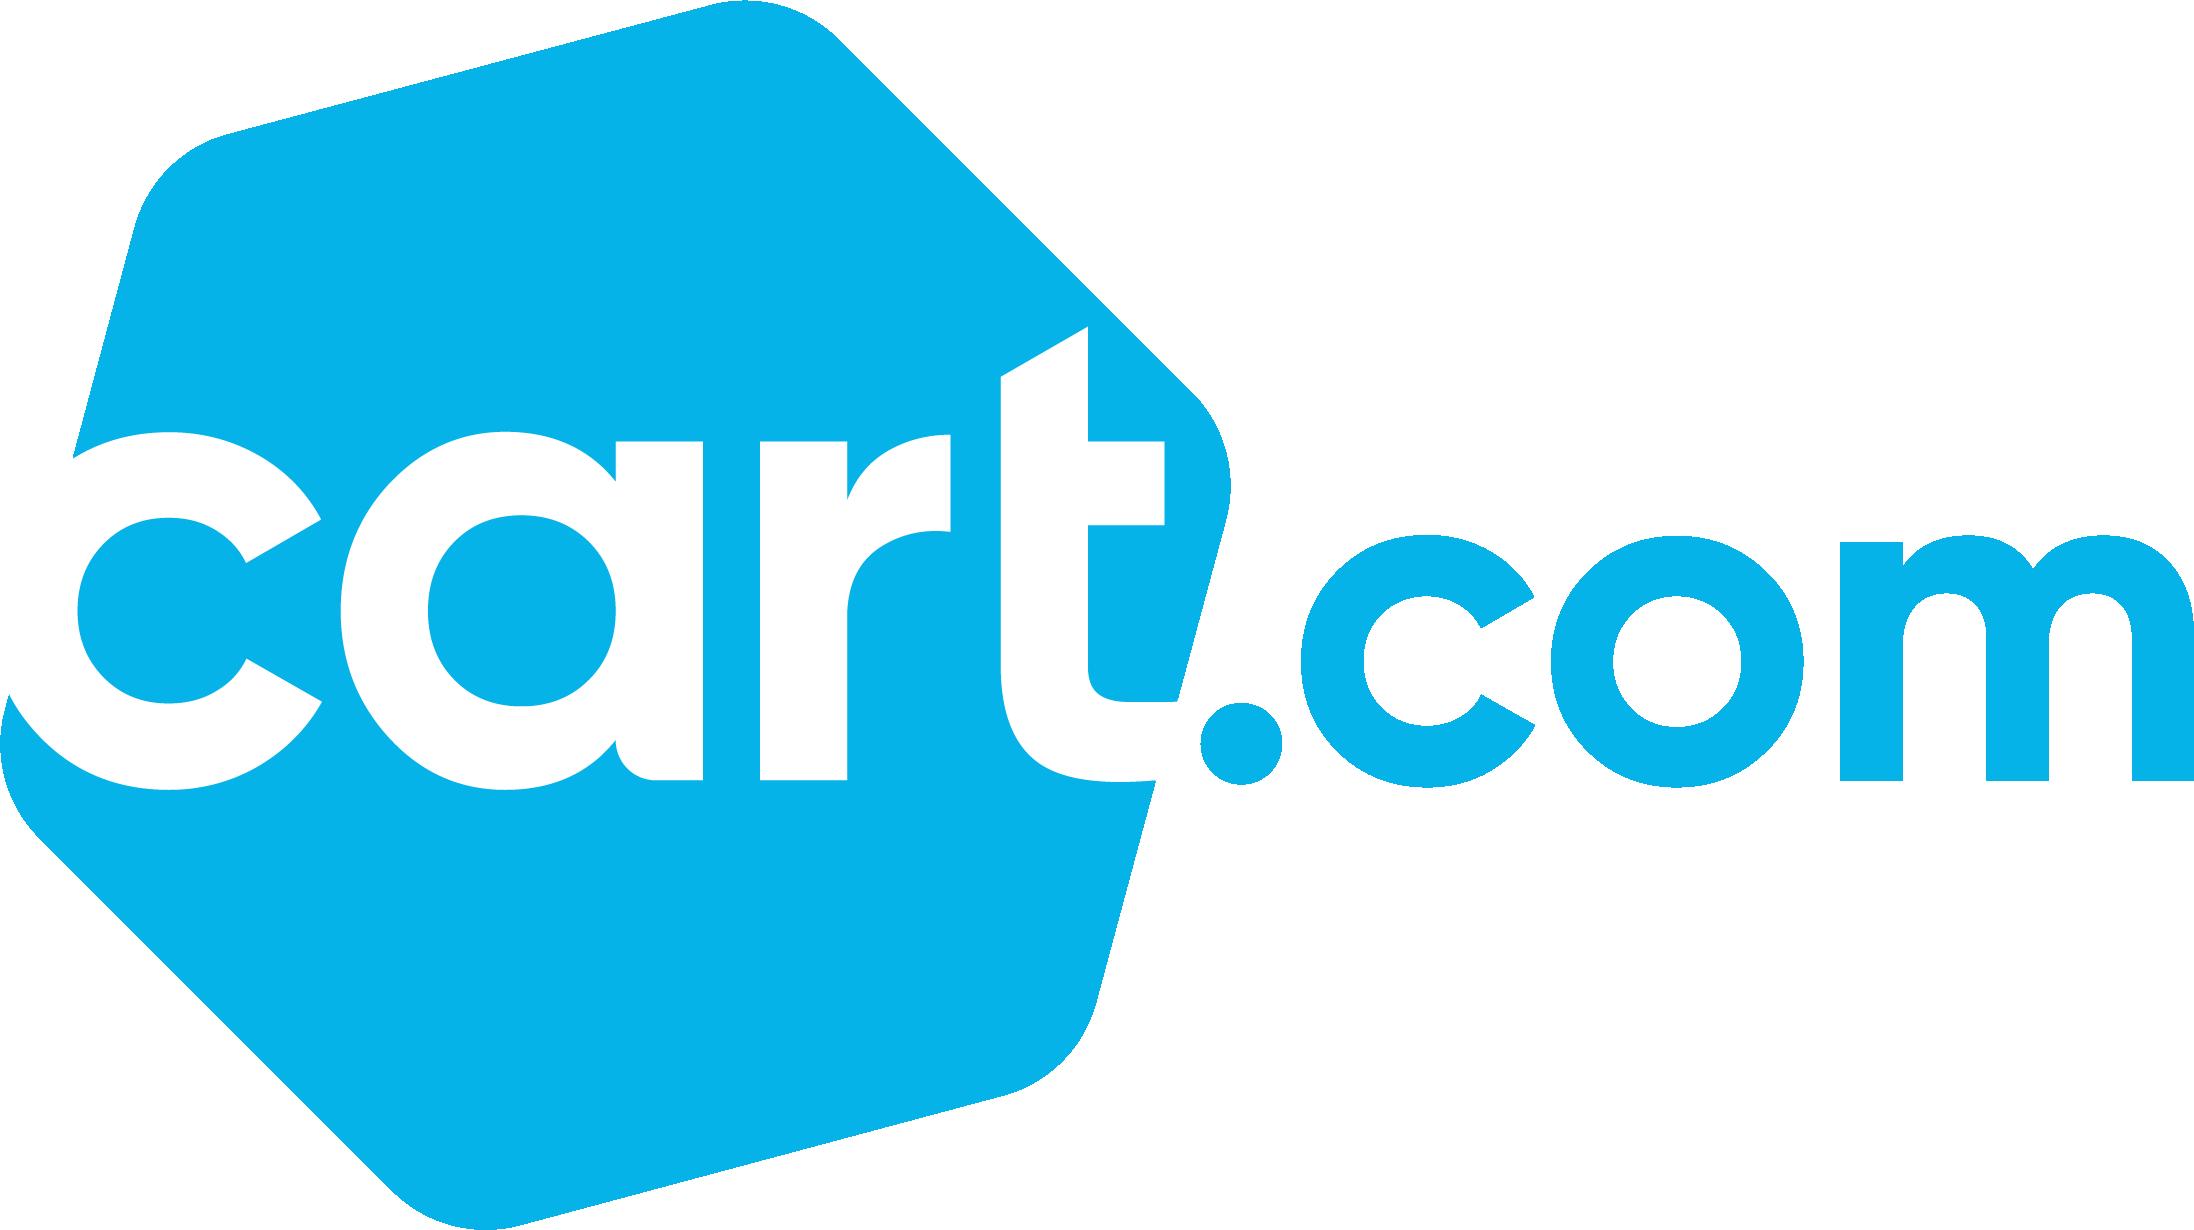 Cart.com Development